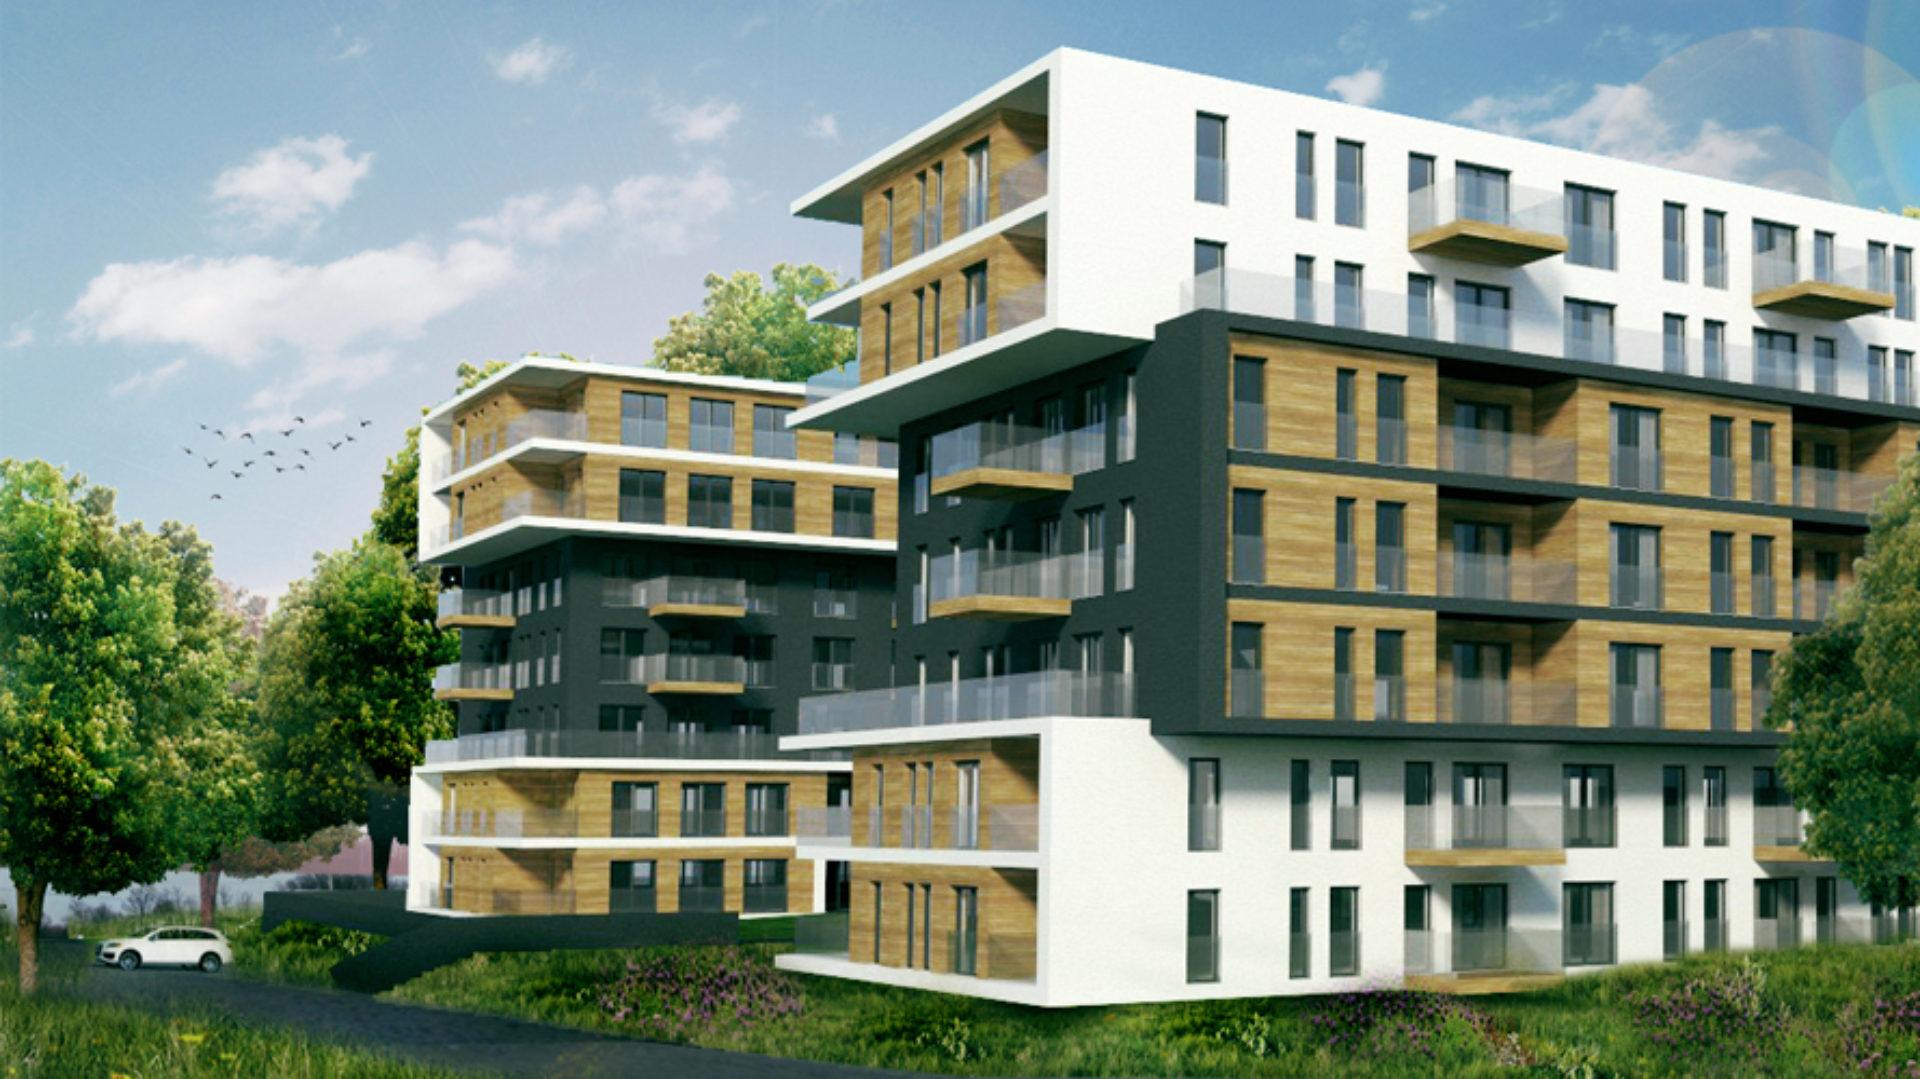 Osiedle Uniwersyteckie – Apartamenty i mieszkania – Sosnowiec